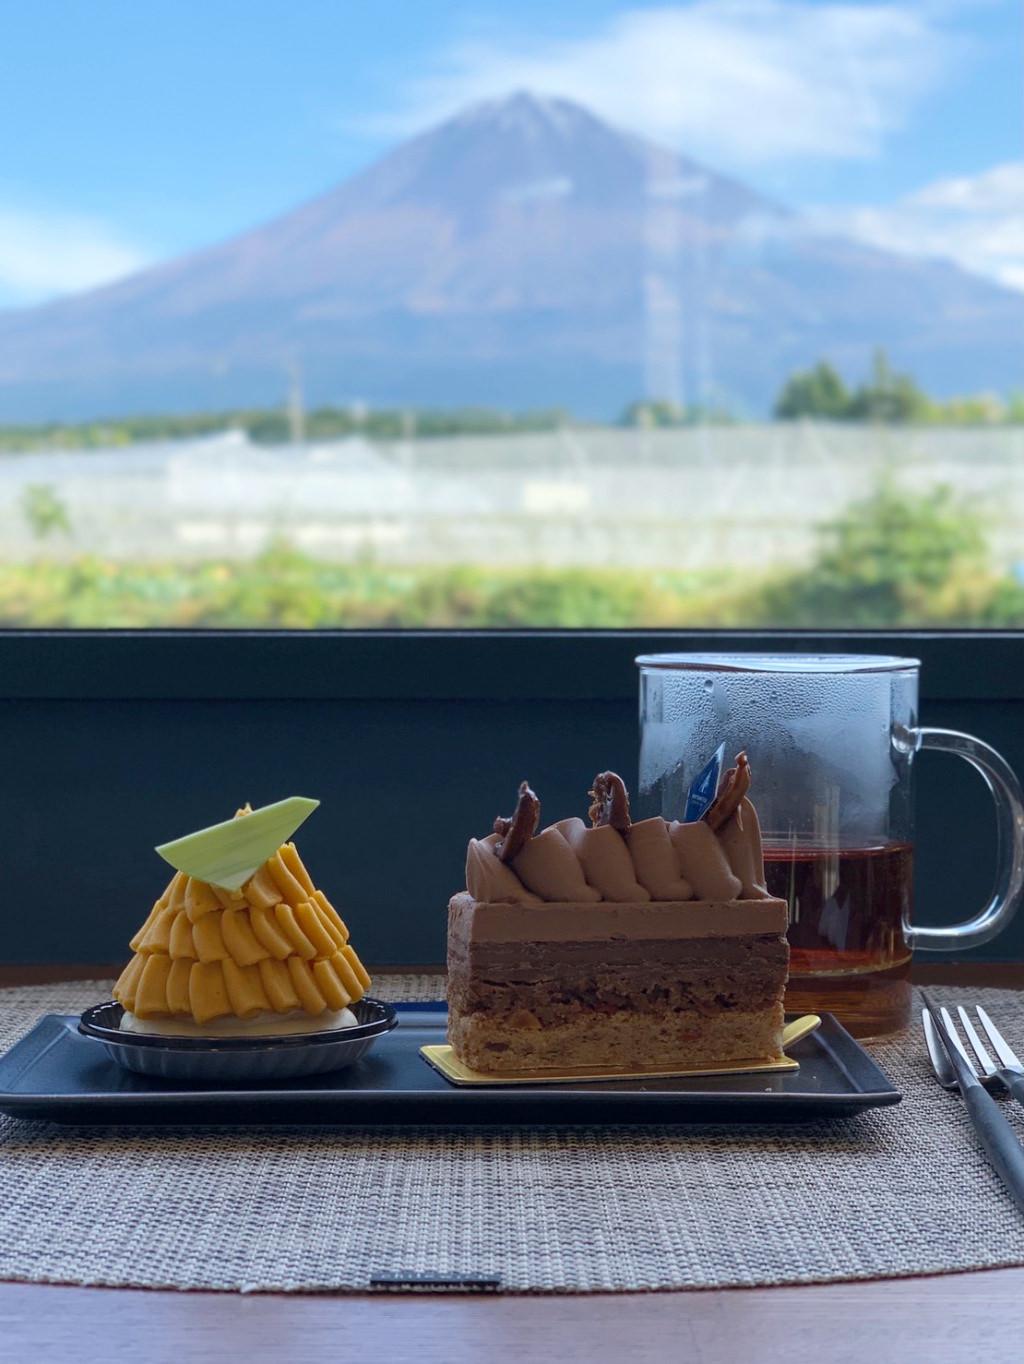 富士山を見ながらケーキをいただく